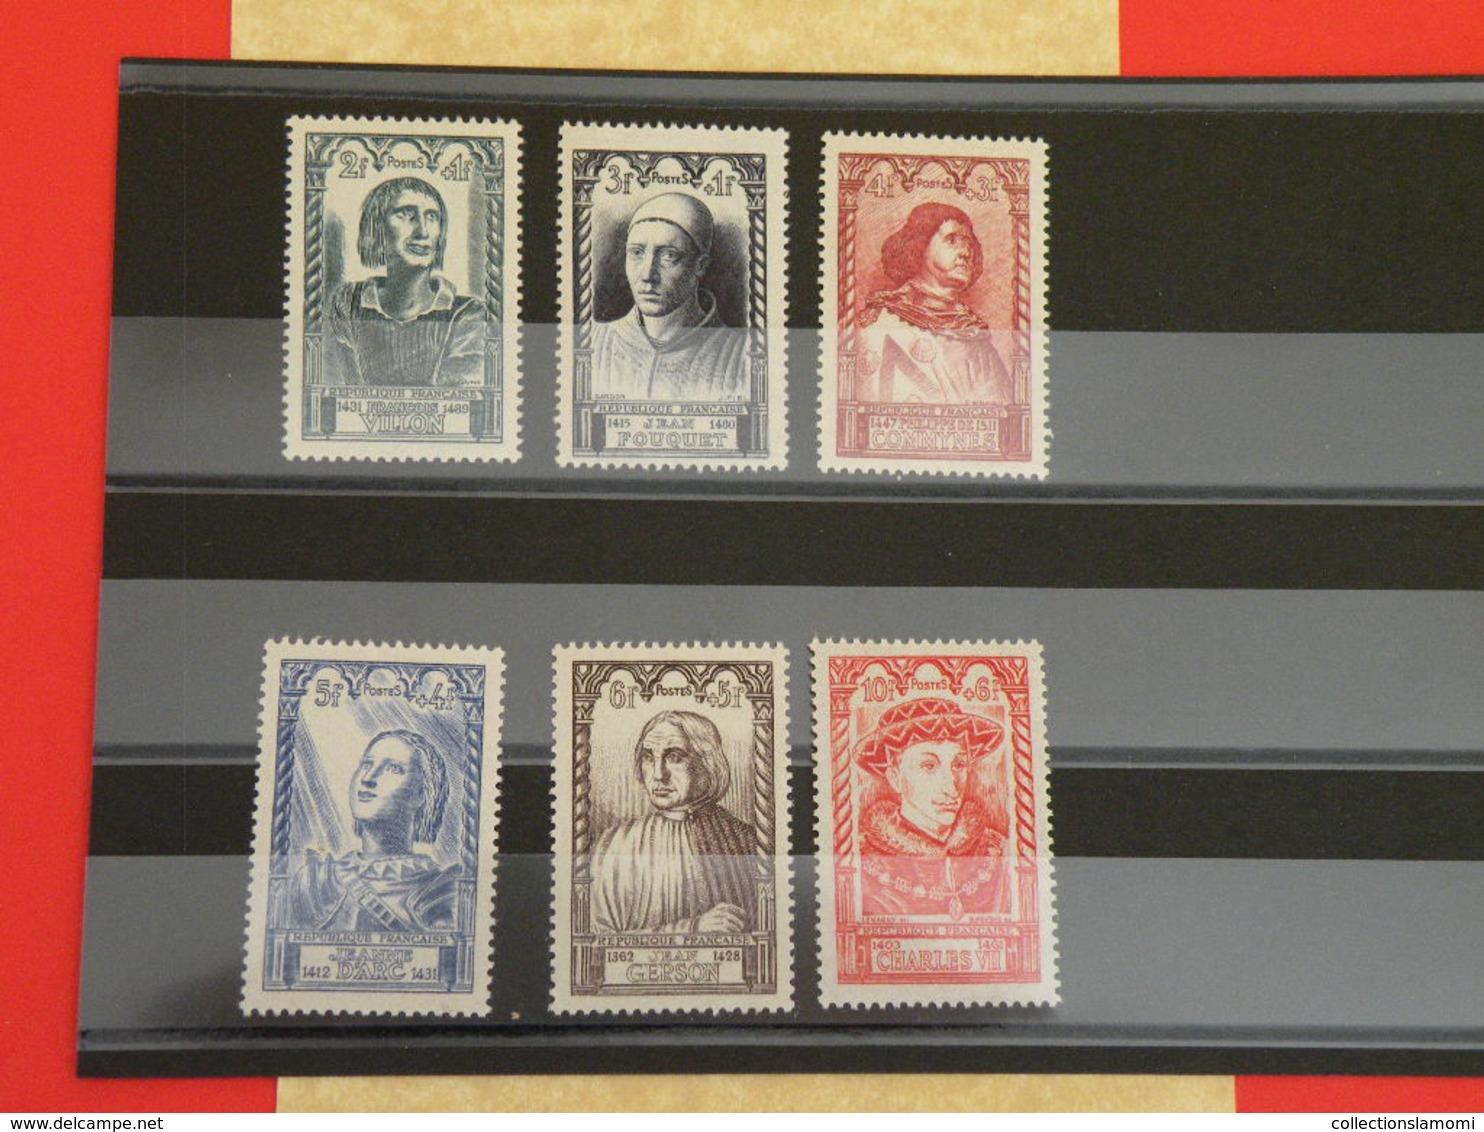 Lot 6 Timbres Neuf 1946 > Série N°765 à 770 - 6 Val - Y&T - Célébrité Du XV Siècle - Coté 13€ - Unused Stamps